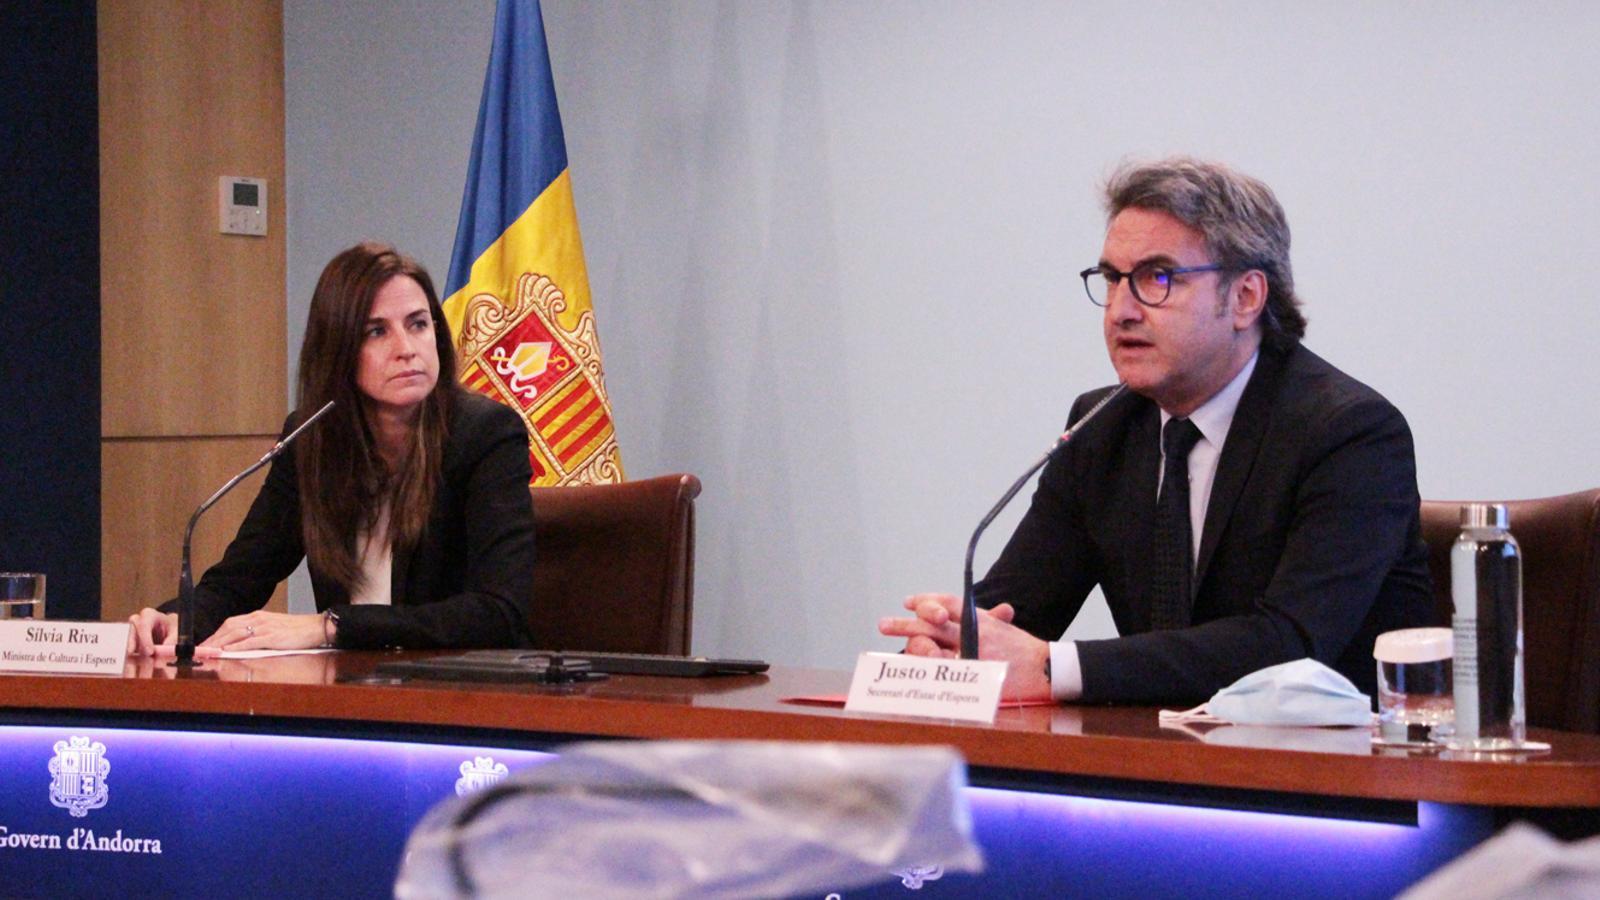 La ministra de Cultura i Esports, Sílvia Riva, i el secretari d'Estat d'Esports, Justo Ruiz, durant la roda de premsa de presentació de les subvencions per a les entitats esportives pel 2020. / M. P. (ANA)